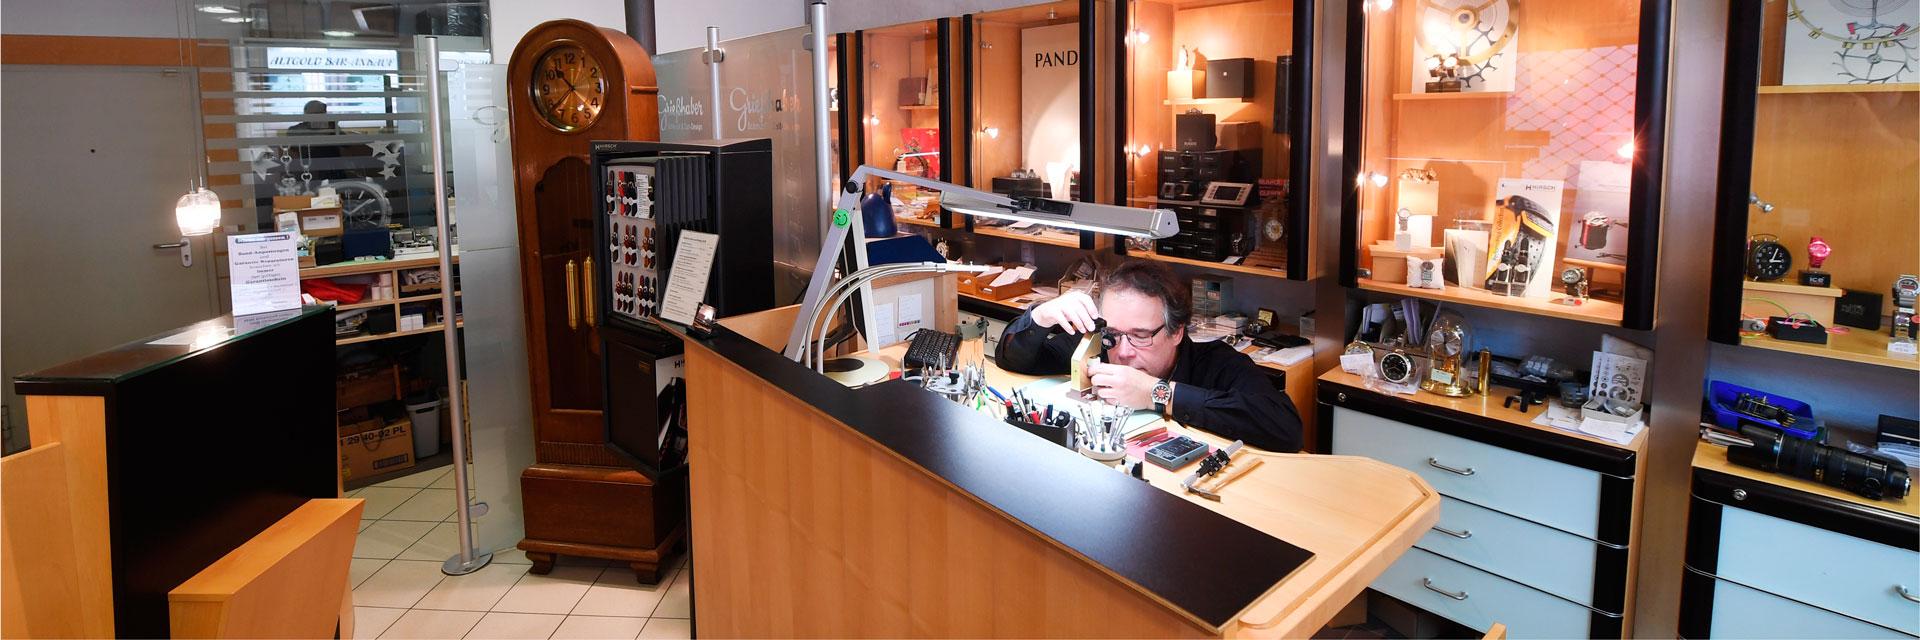 Uhrenreparatur-Service in der Münstergass